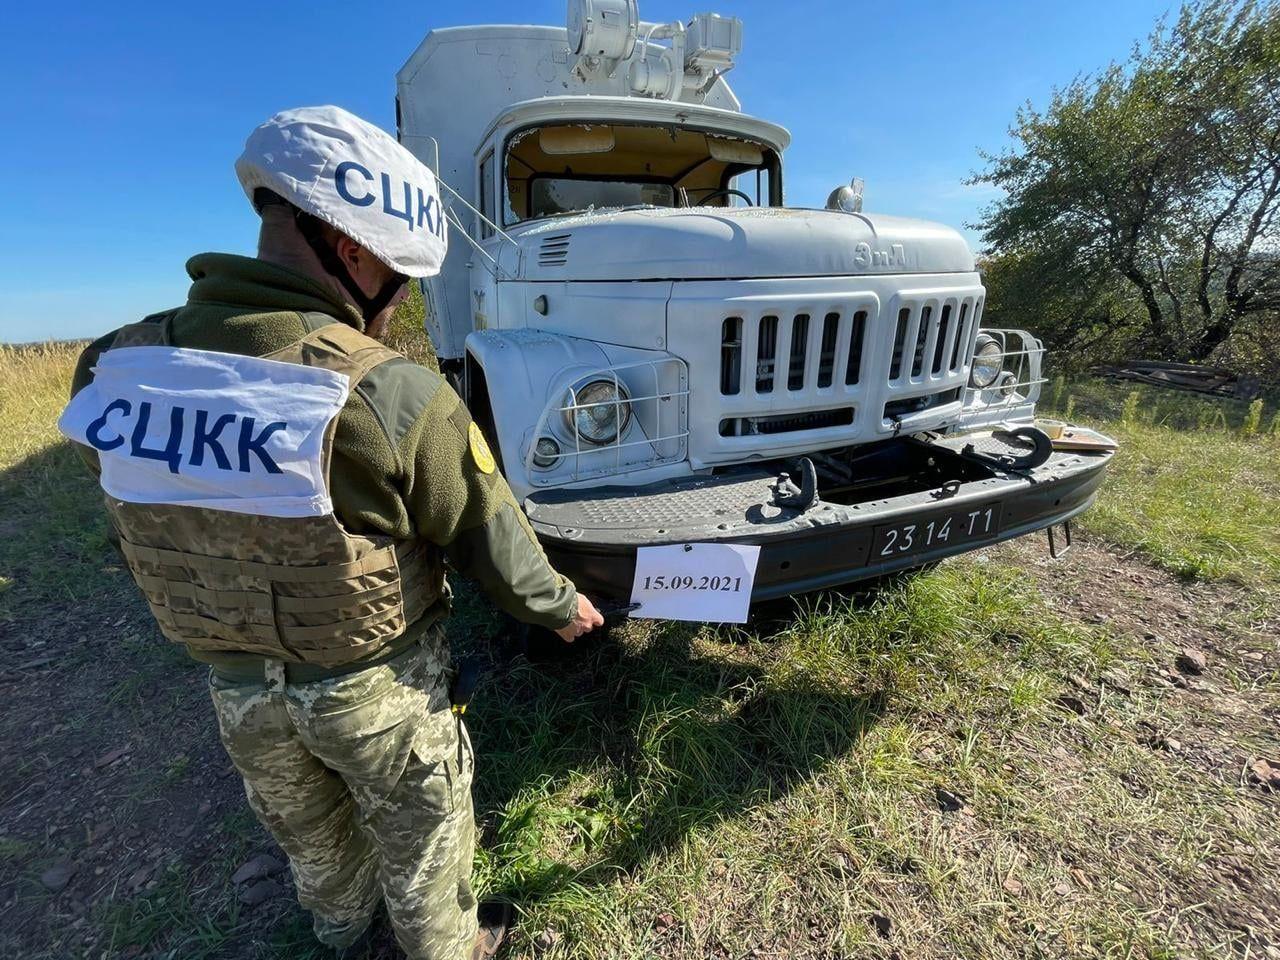 Формирования РФ накрыли артиллерией автомобиль СЦКК под Горловкой: показаны последствия